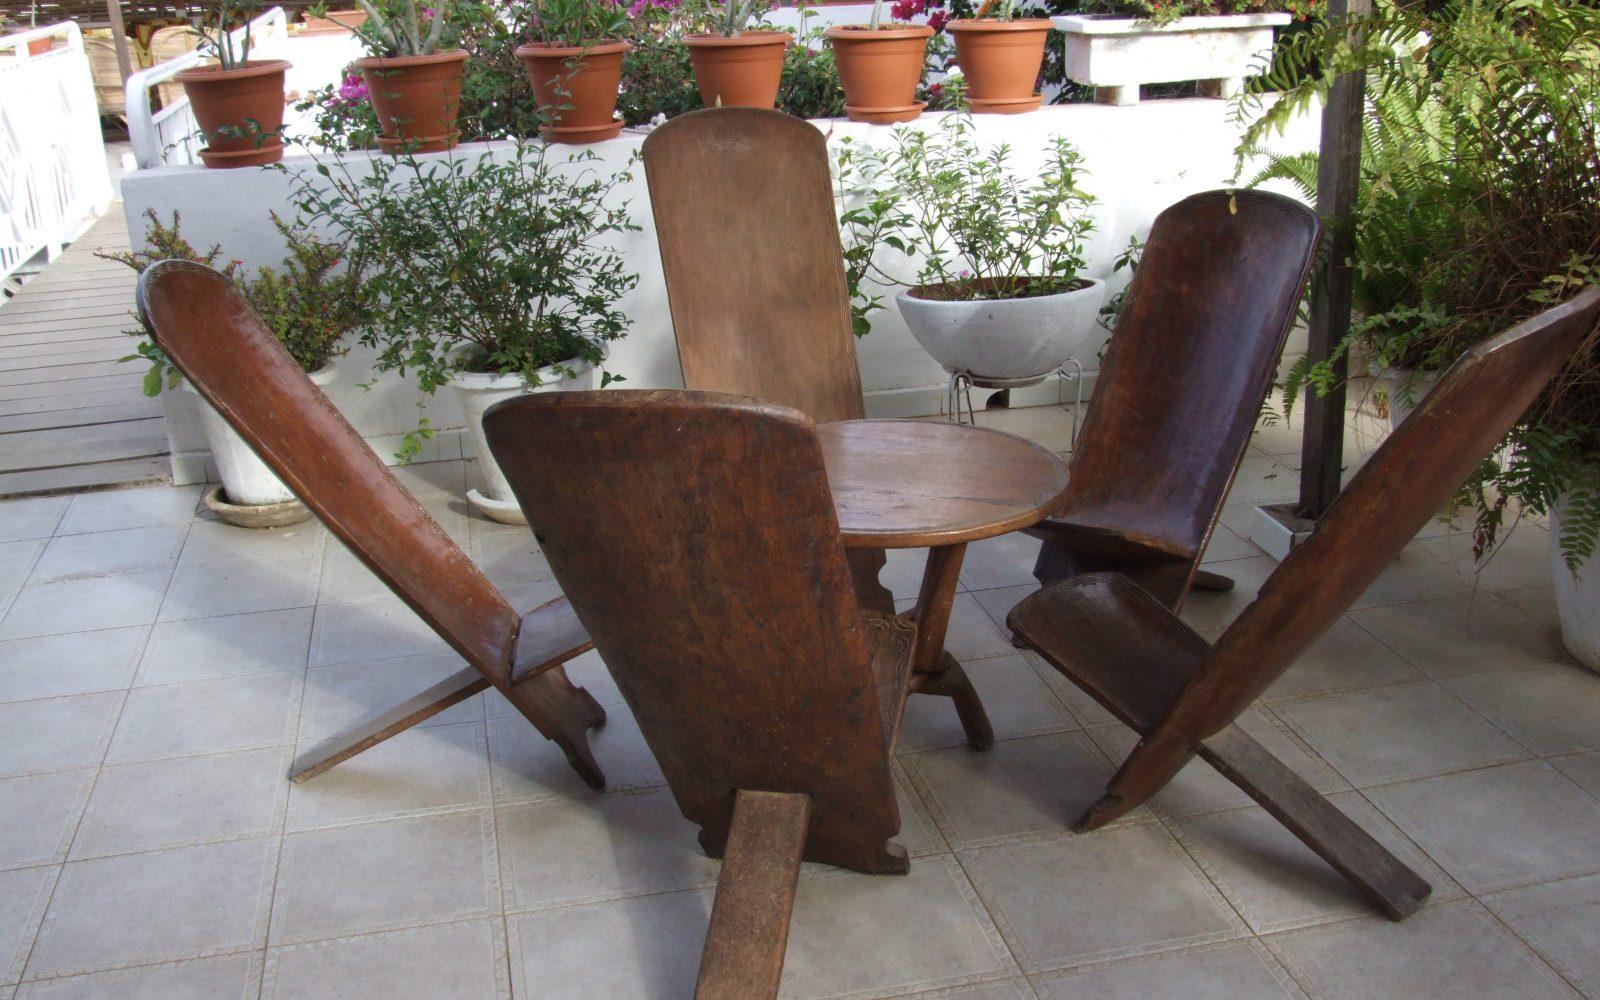 Galer a de im genes sillas para terrazas for Sillas y mesas plegables